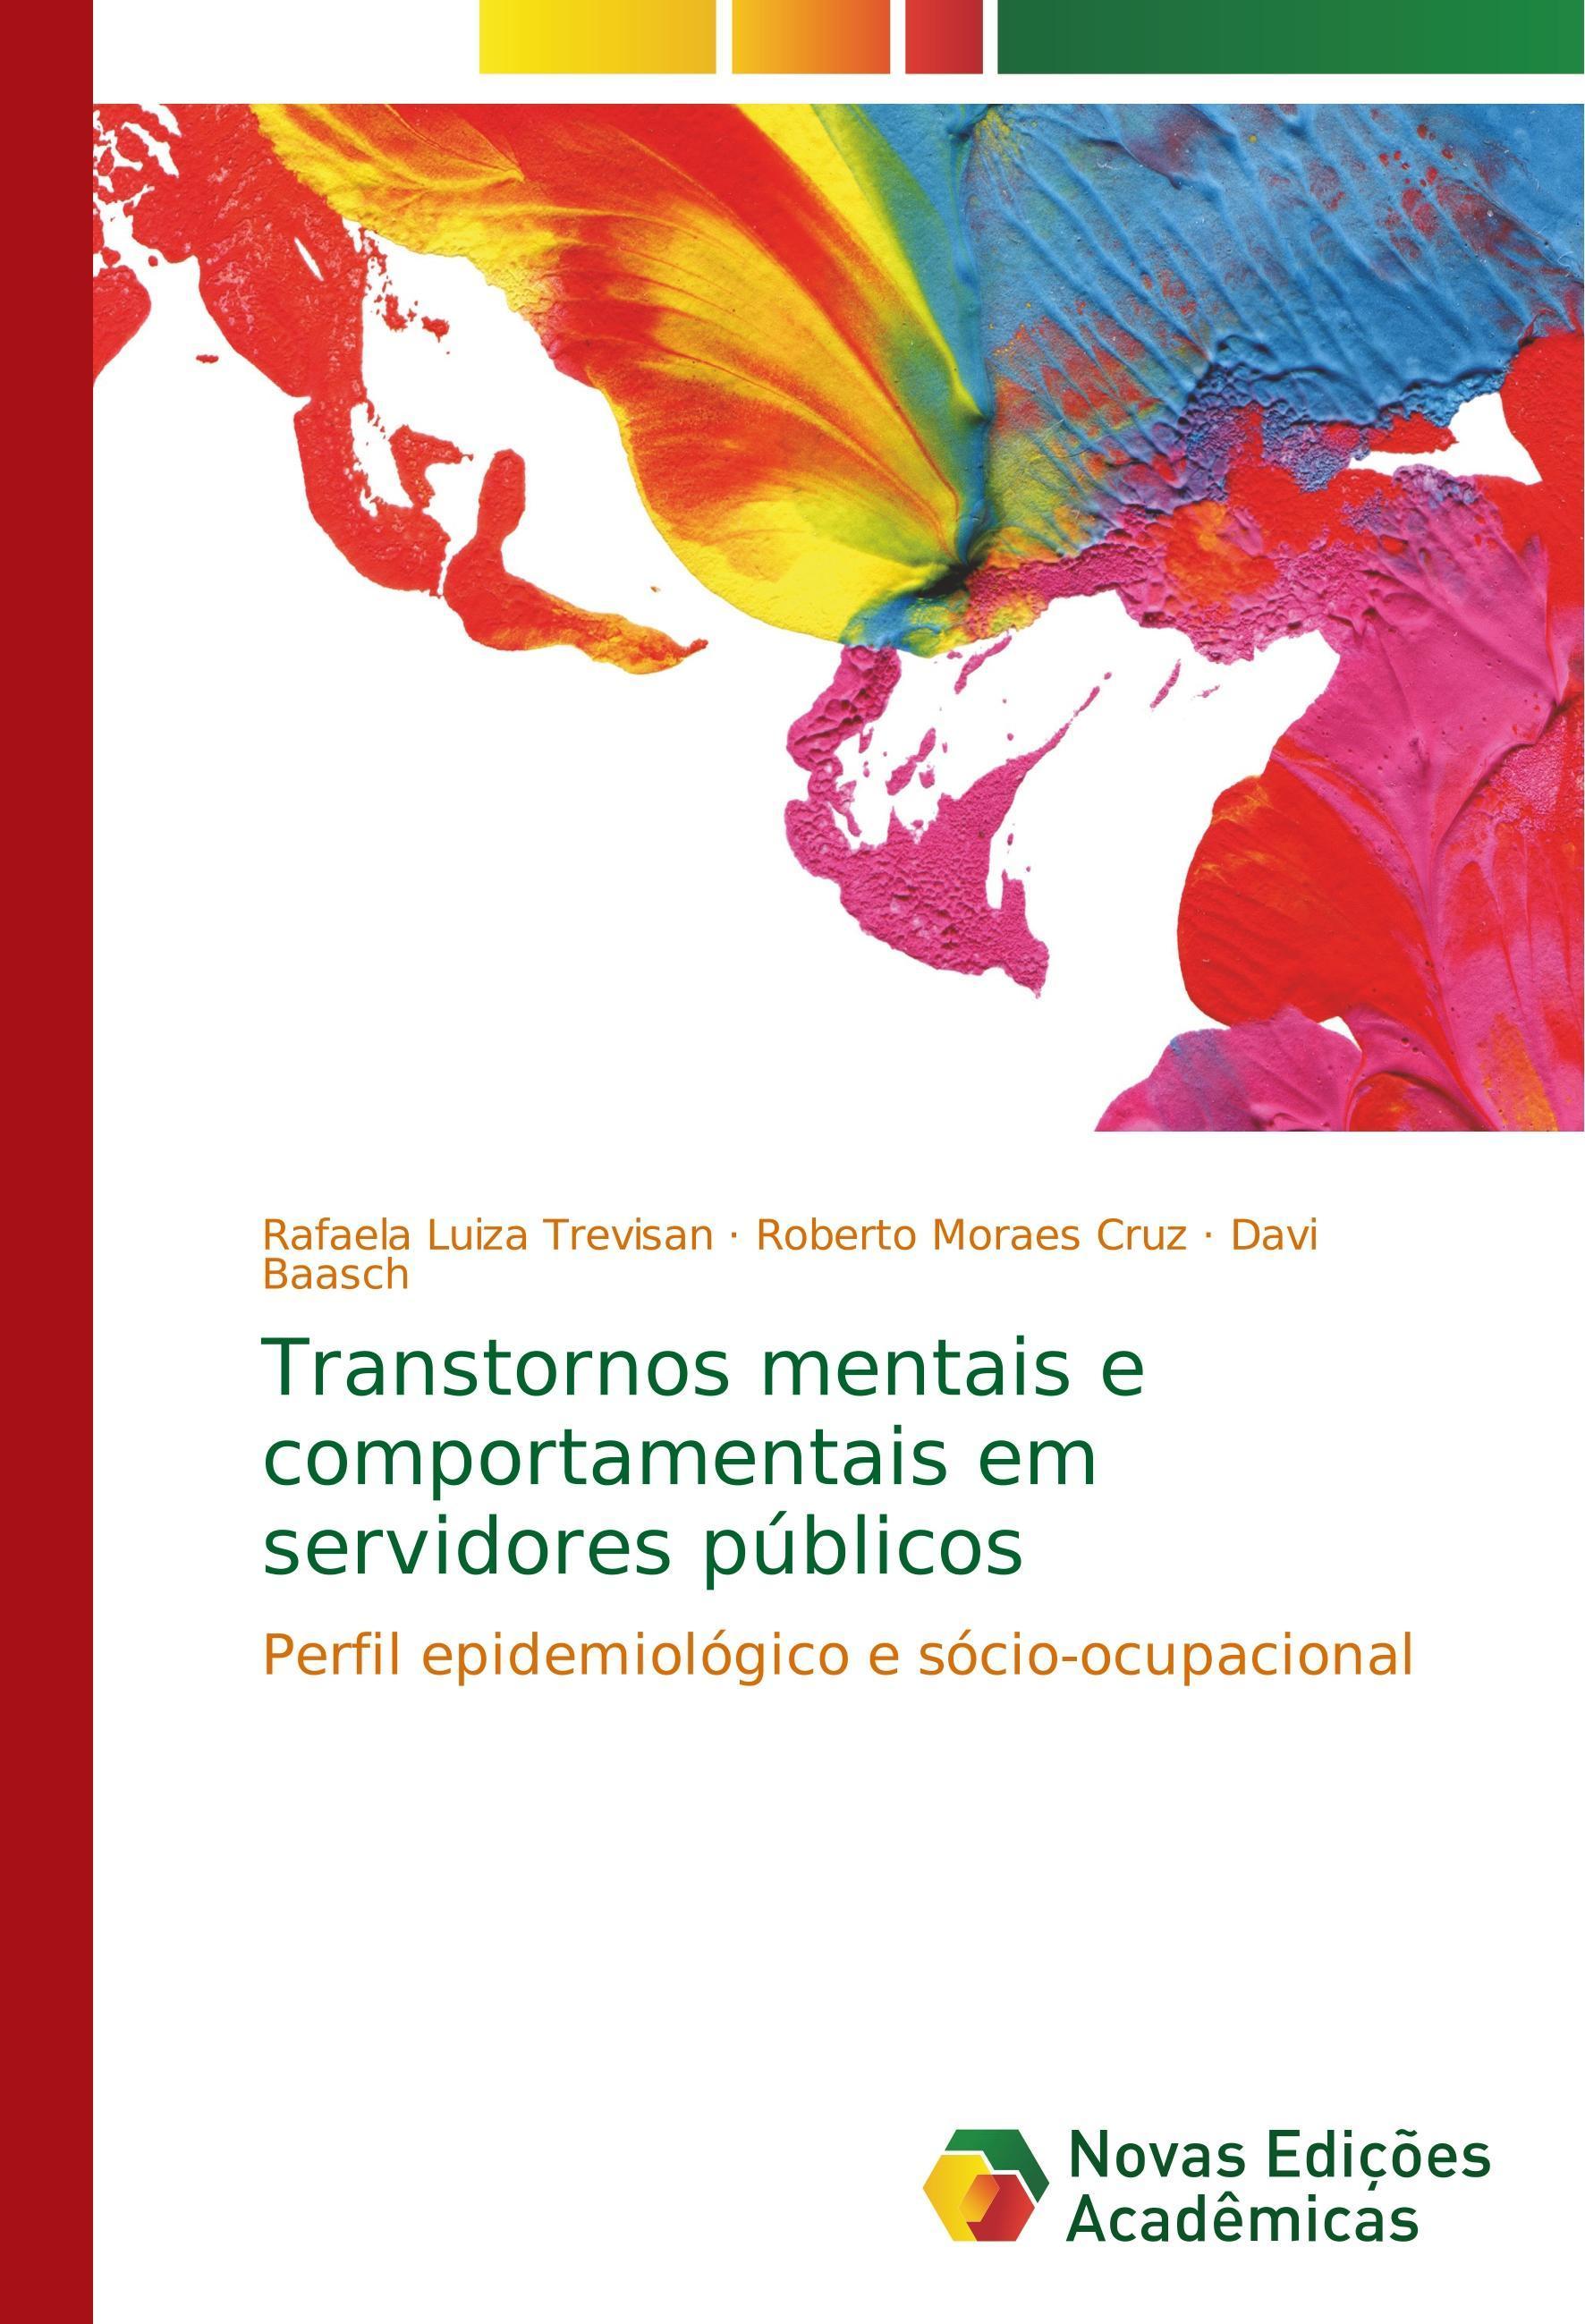 Transtornos mentais e comportamentais em servidores públicos - Trevisan, Rafaela Luiza Moraes Cruz, Roberto Baasch, Davi